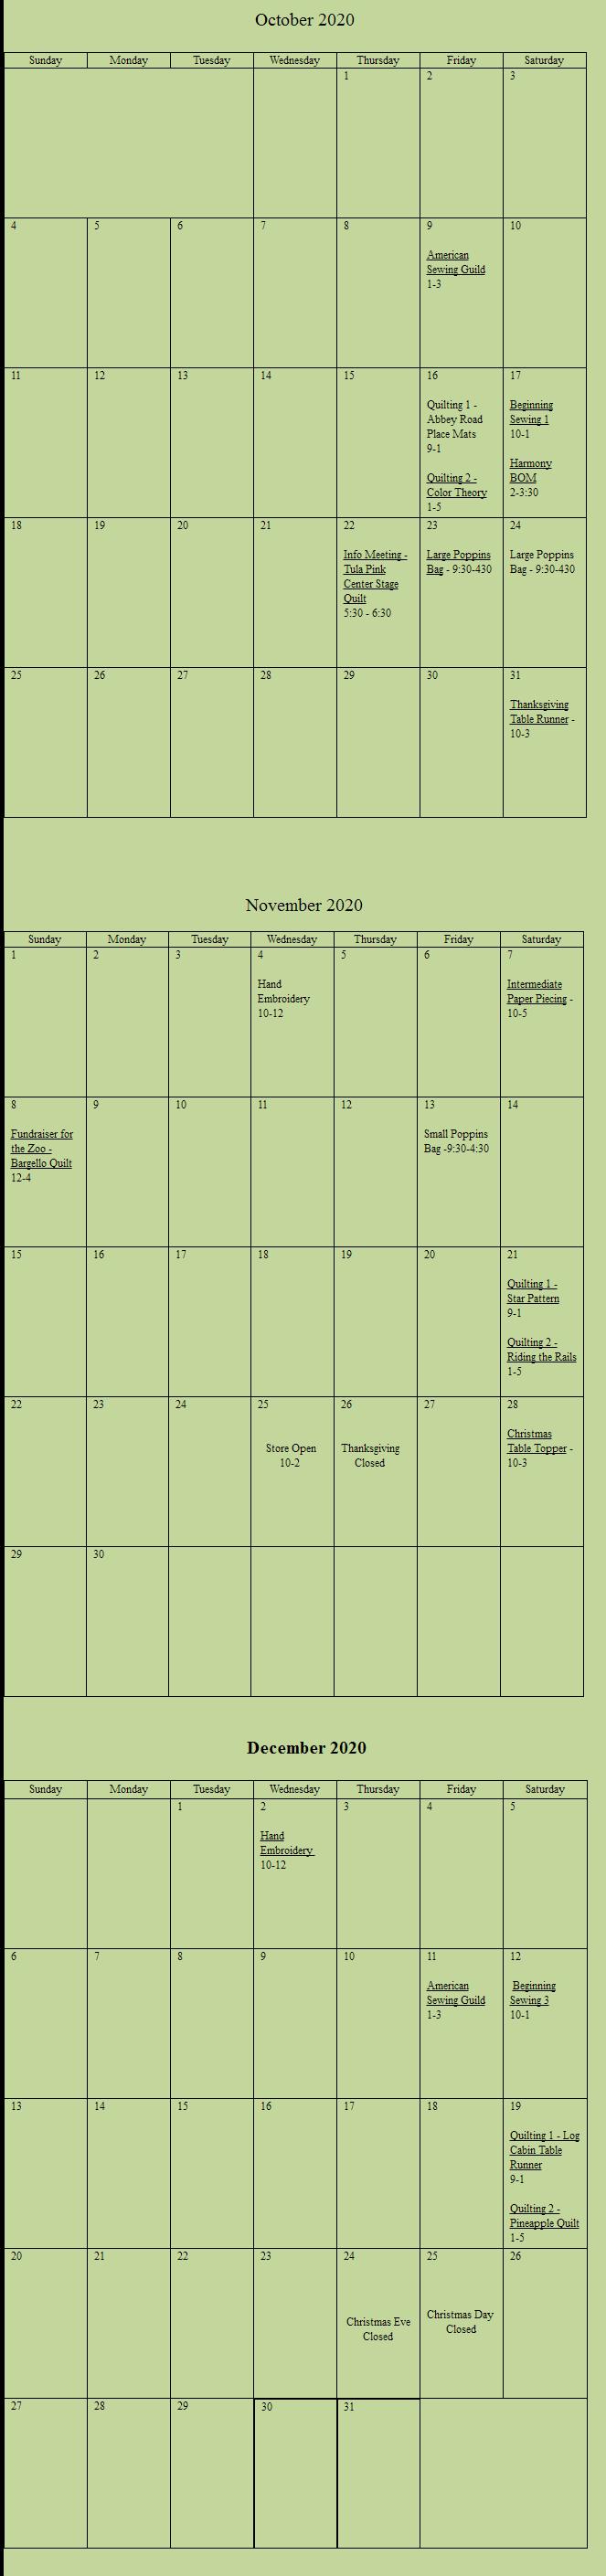 4th-qtr-calendar.png